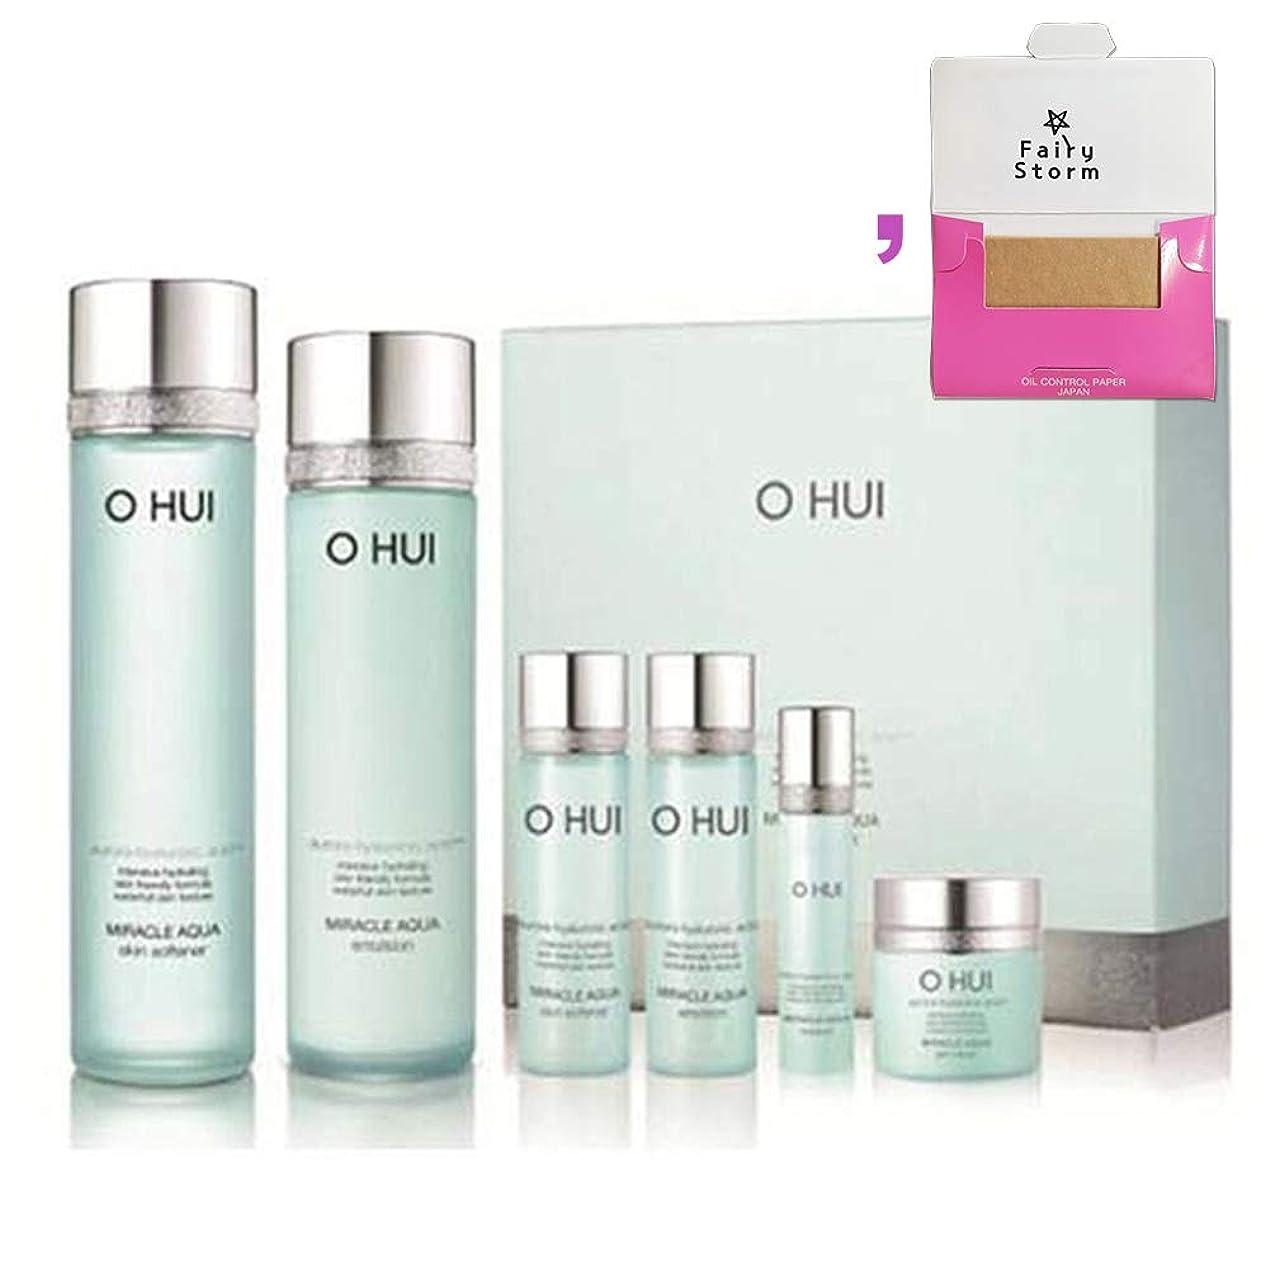 流用するもちろんジャズ[オフィ/O HUI]韓国化粧品LG生活健康/O HUI MIRACLE AQUA SPECIAL 2EA SET/ミラクルアクア 2種セット+[Sample Gift](海外直送品)